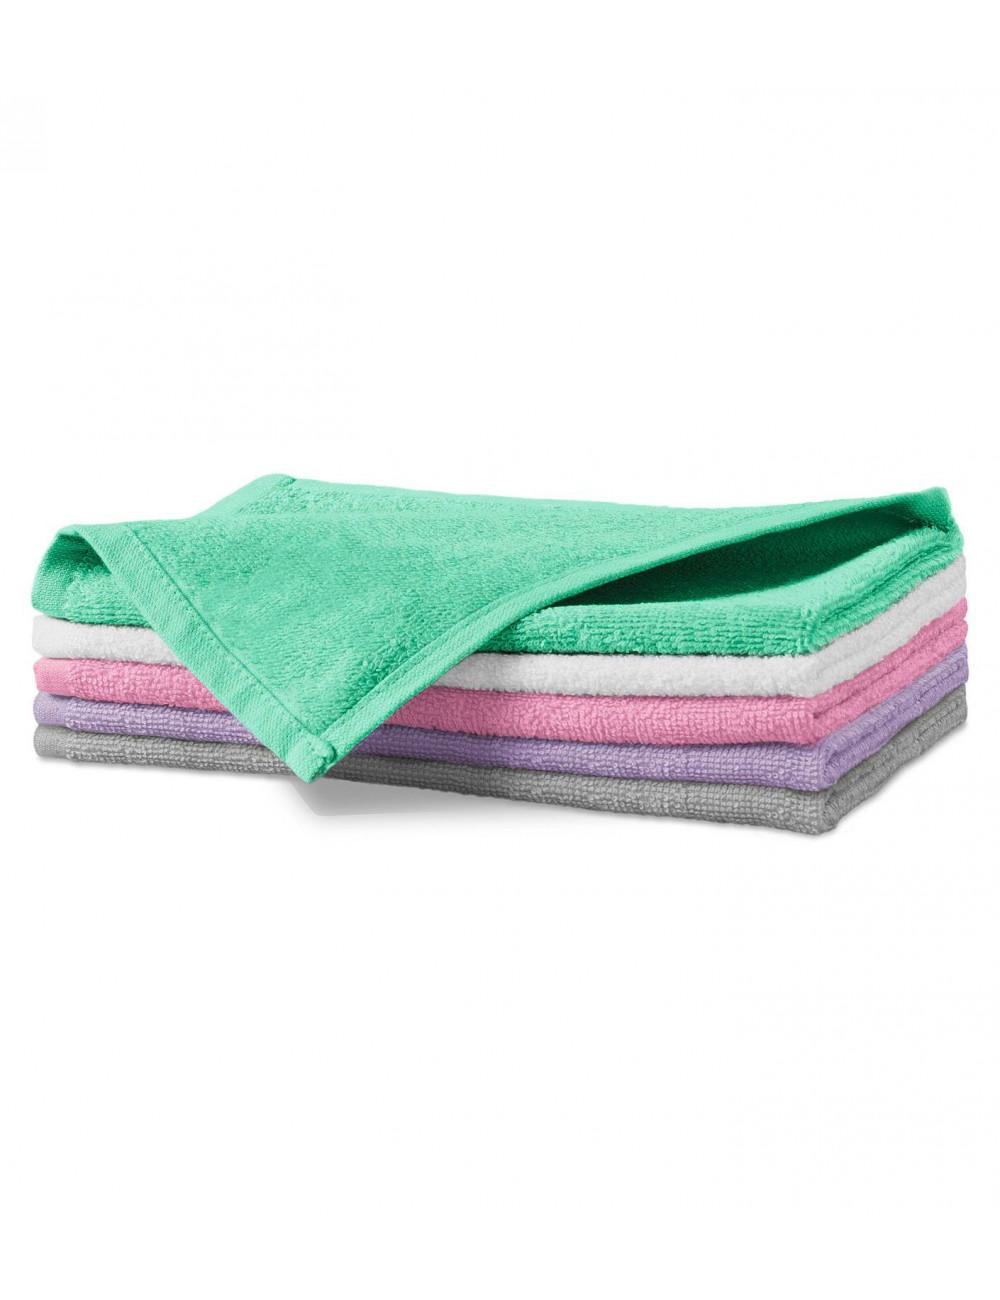 Adler MALFINI Ręcznik mały unisex Terry Hand Towel 907 miętowy